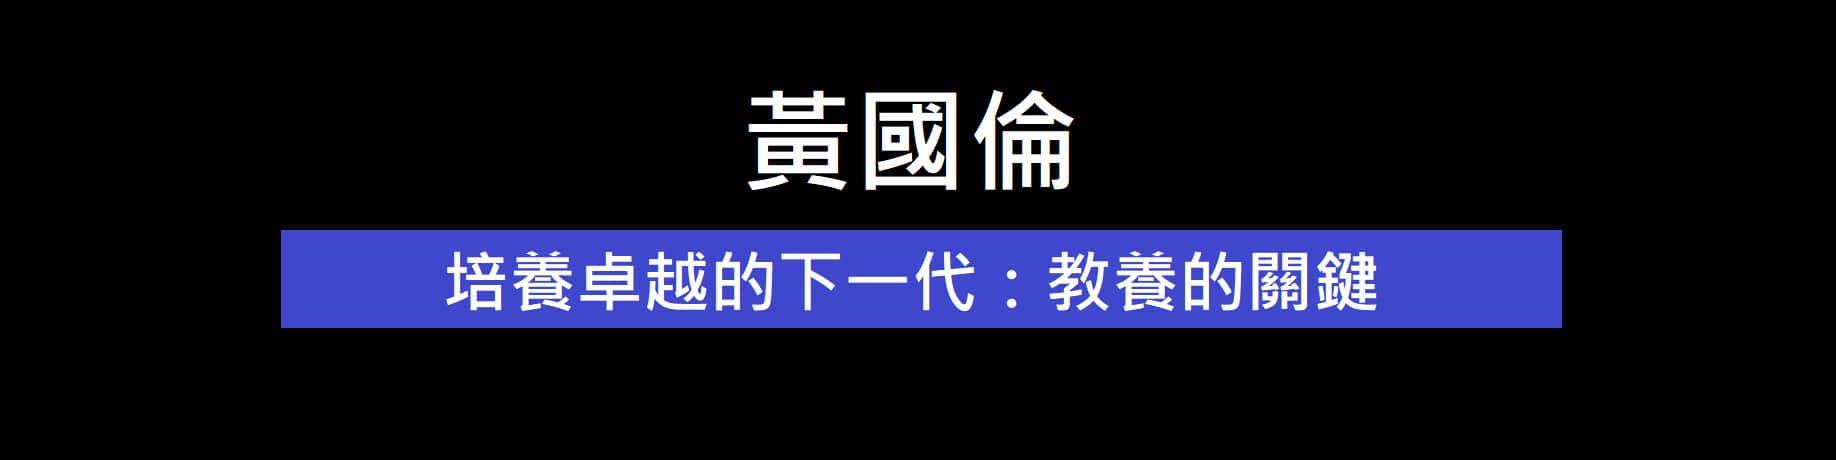 【黃國倫】培養卓越的下一代:教養的關鍵